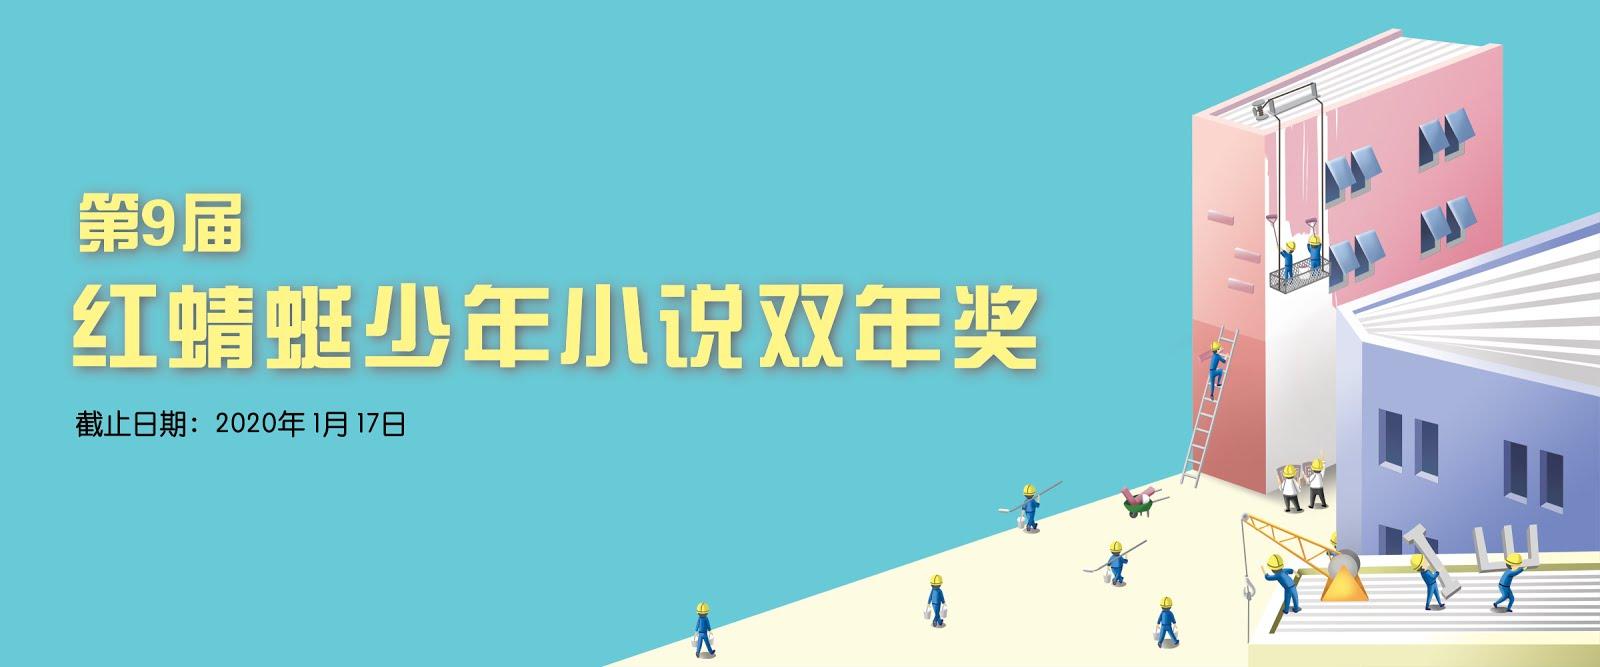 红蜻蜓少年小说奖